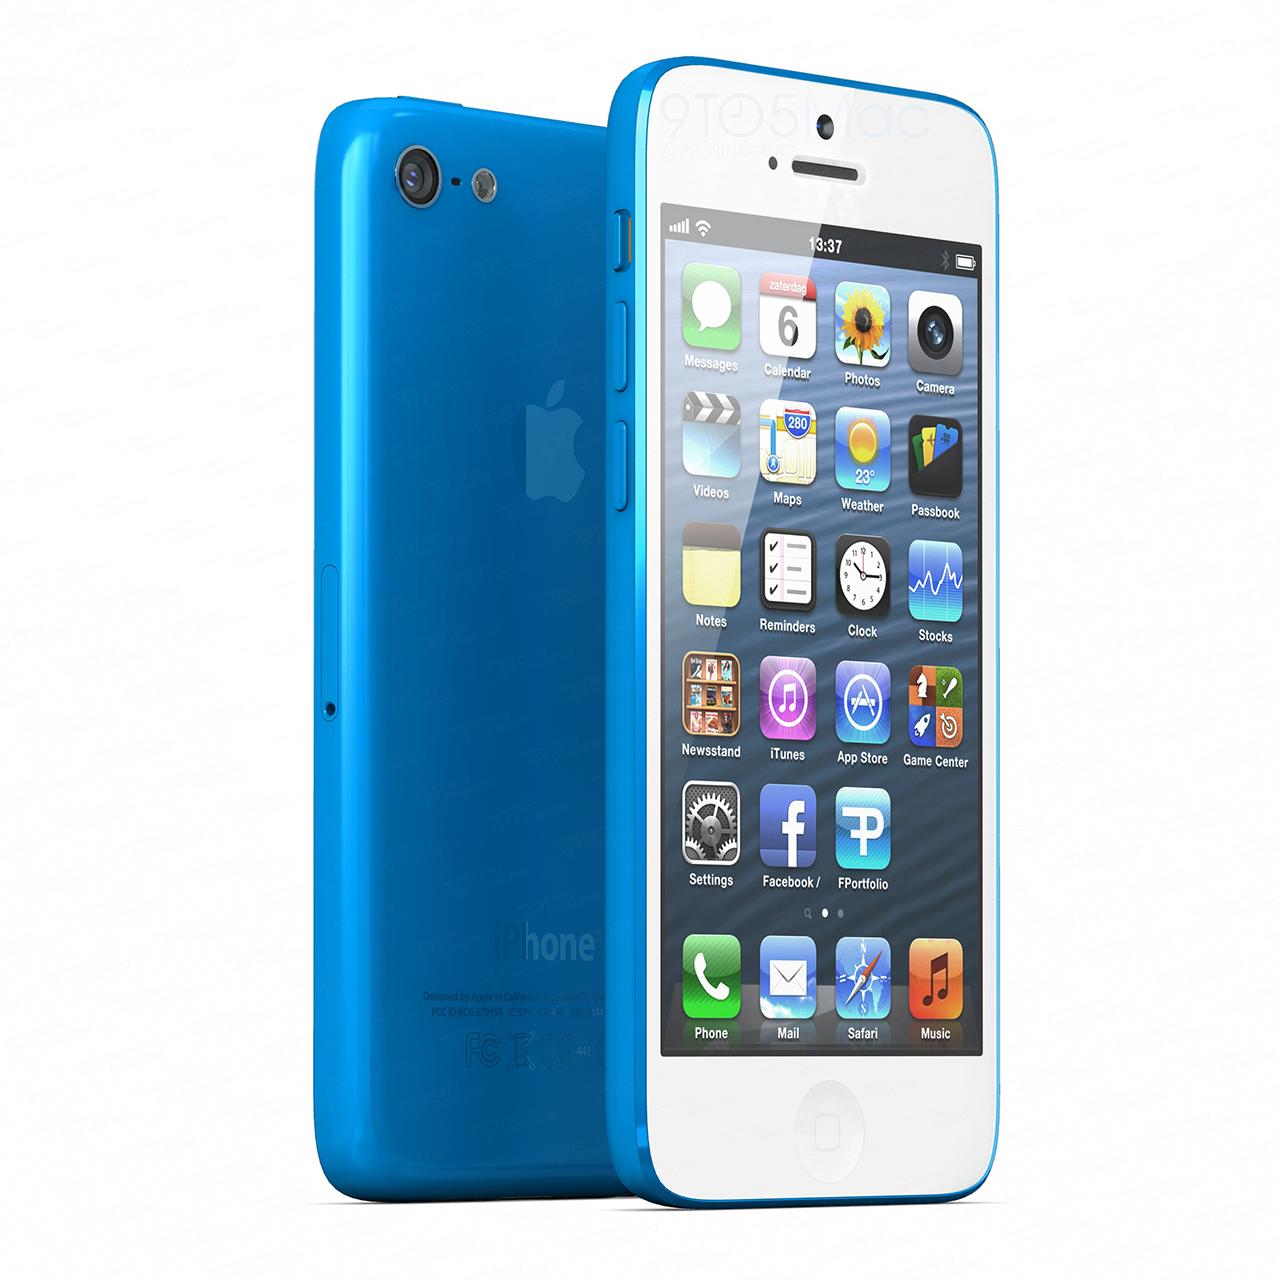 L'iPhone economico sarà in plastica? Ecco come sarà in 10 colori diversi!